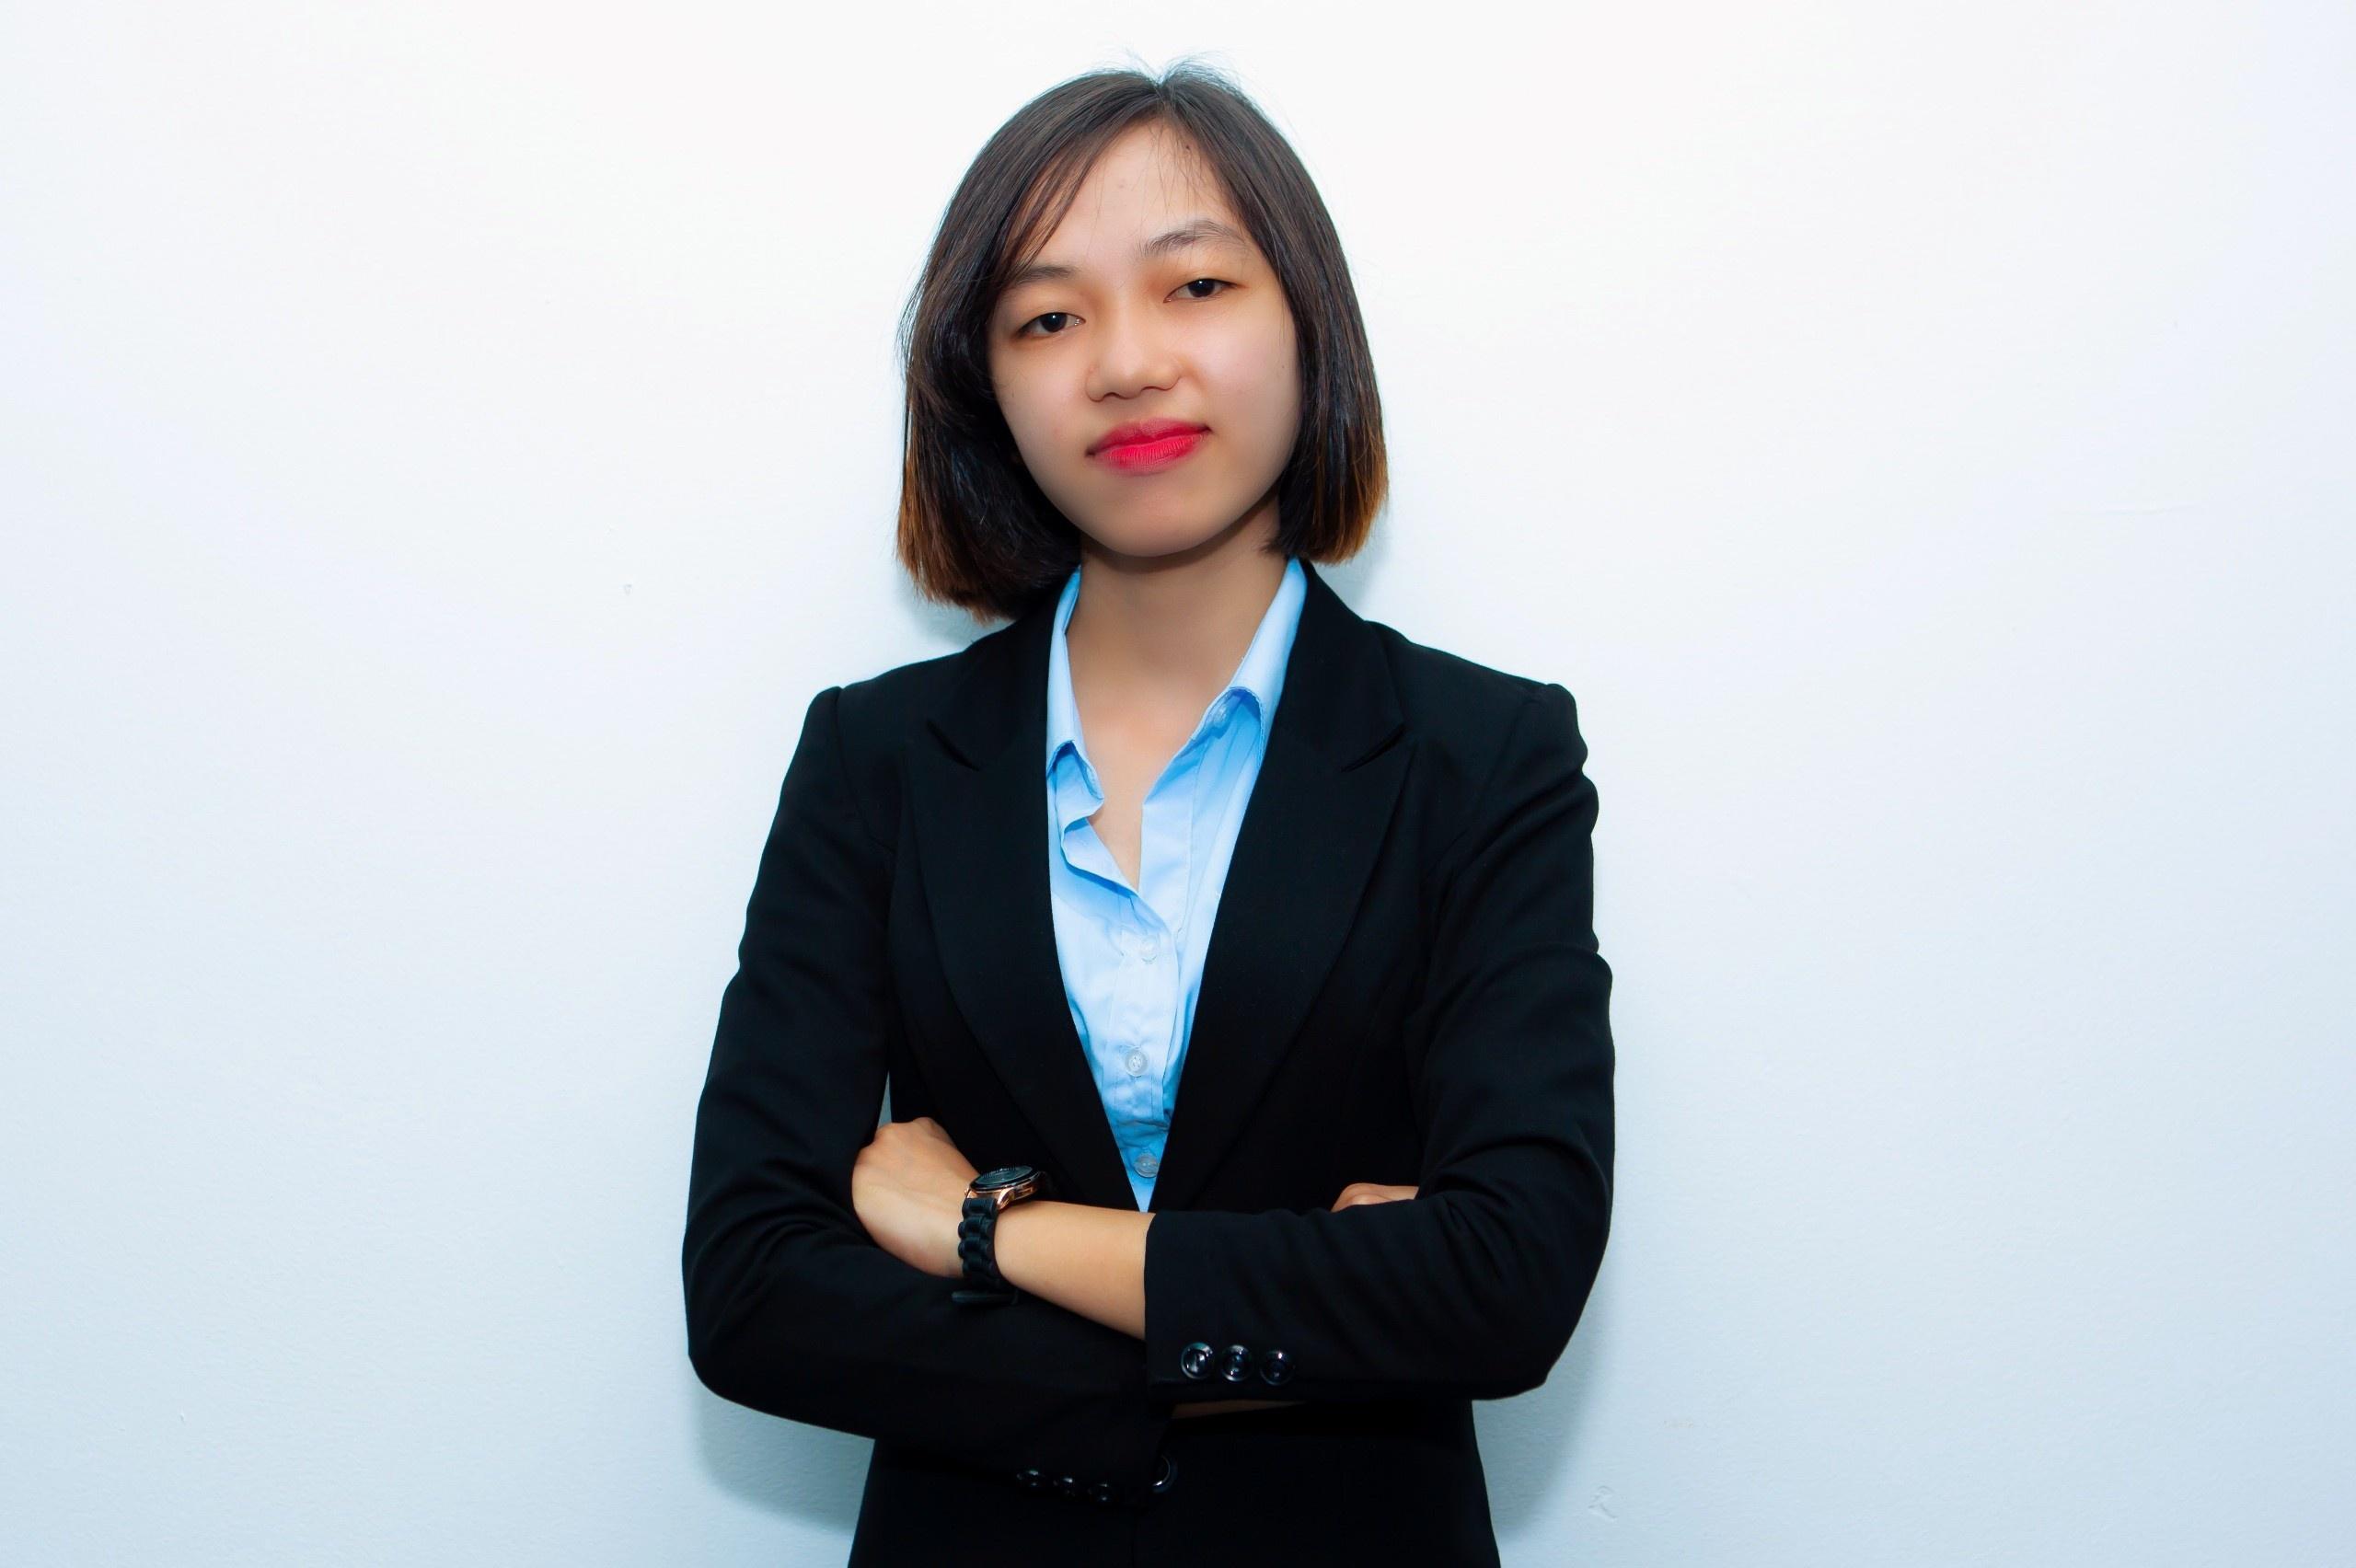 THẠC SỸ NGUYỄN THỊ THU SƯƠNG Phó Trưởng phòng Pháp lý